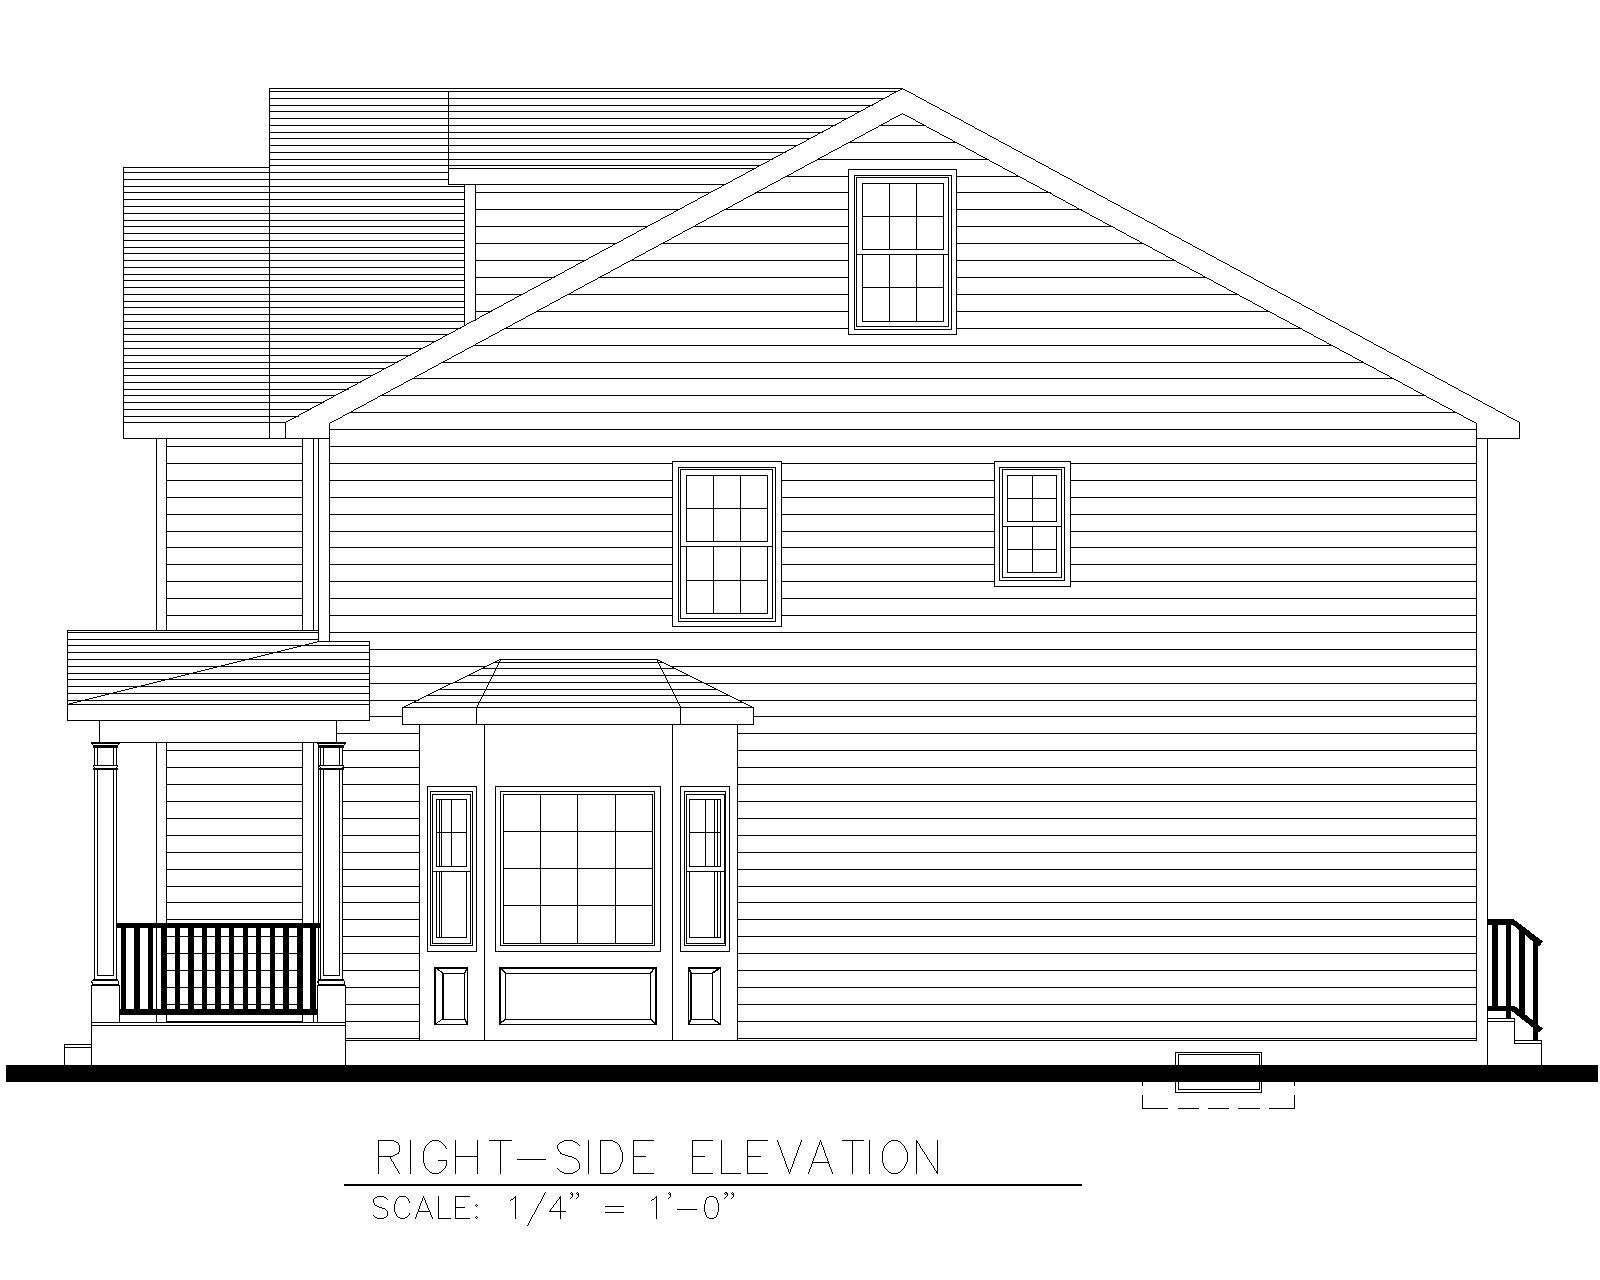 5 Village Right Side Elevation - Premier Design Custom Homes